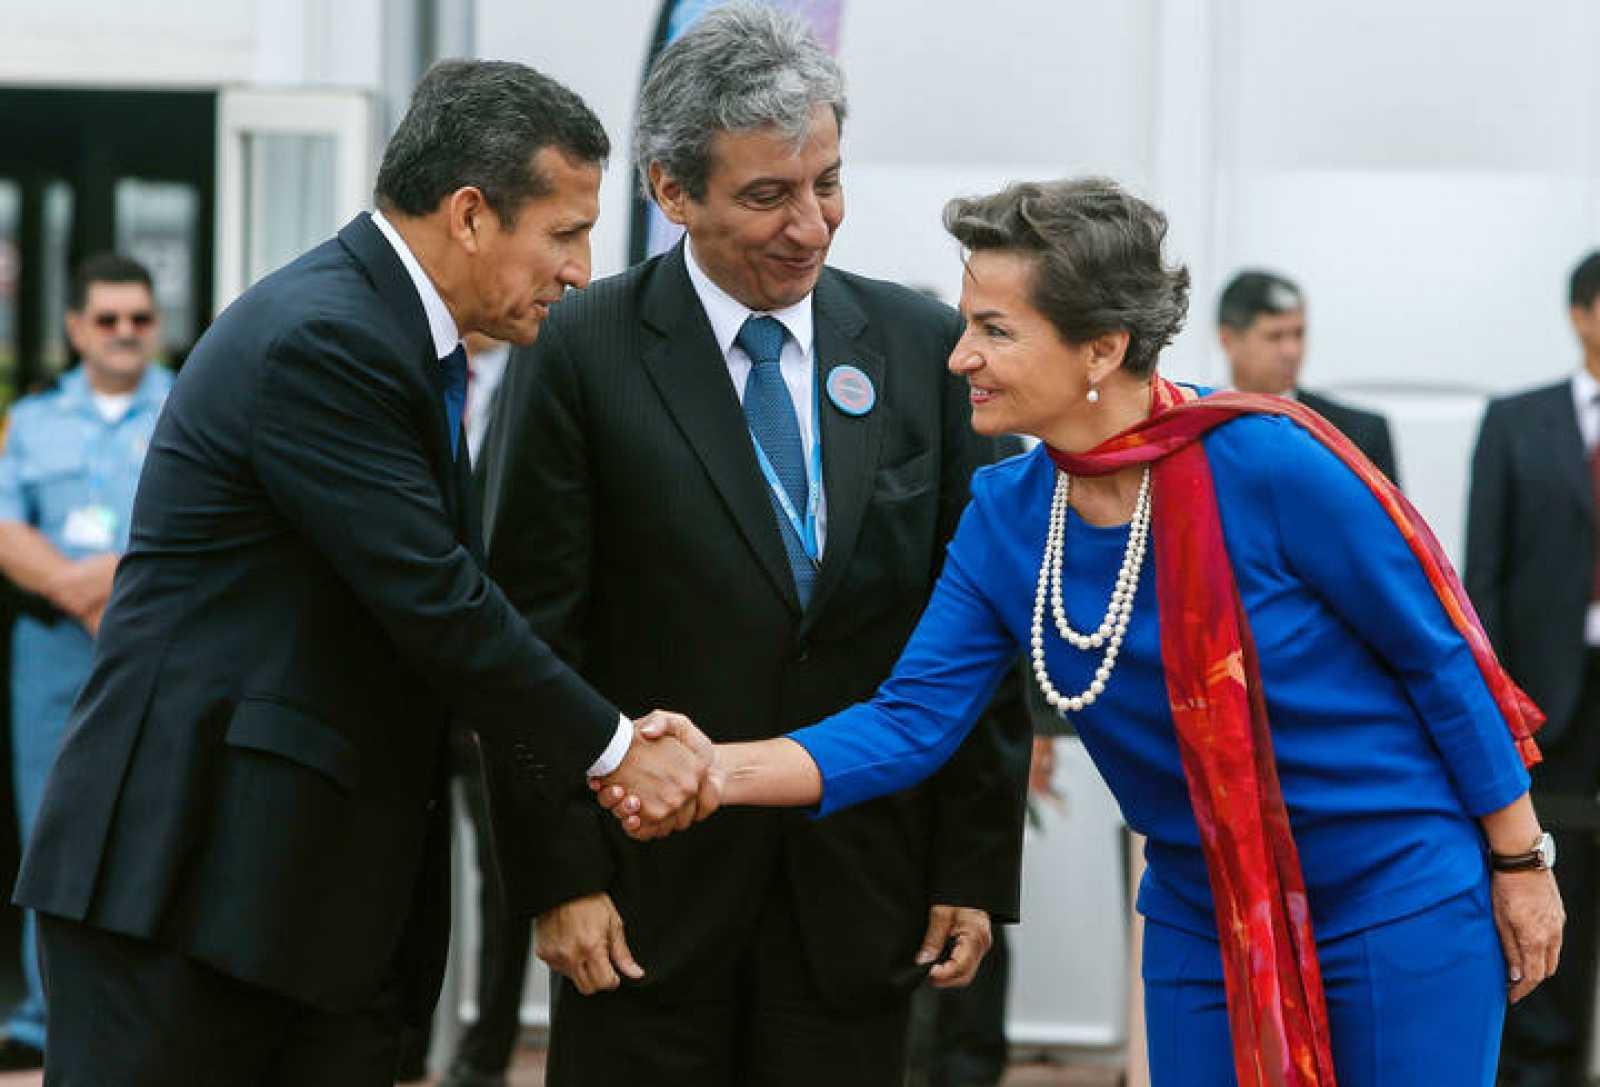 El presidente de Perú, Ollanta Humala, estrecha la mano a la secretaria ejecutiva de la Convención de la ONU sobre el cambio climático, Christiana Figueres.